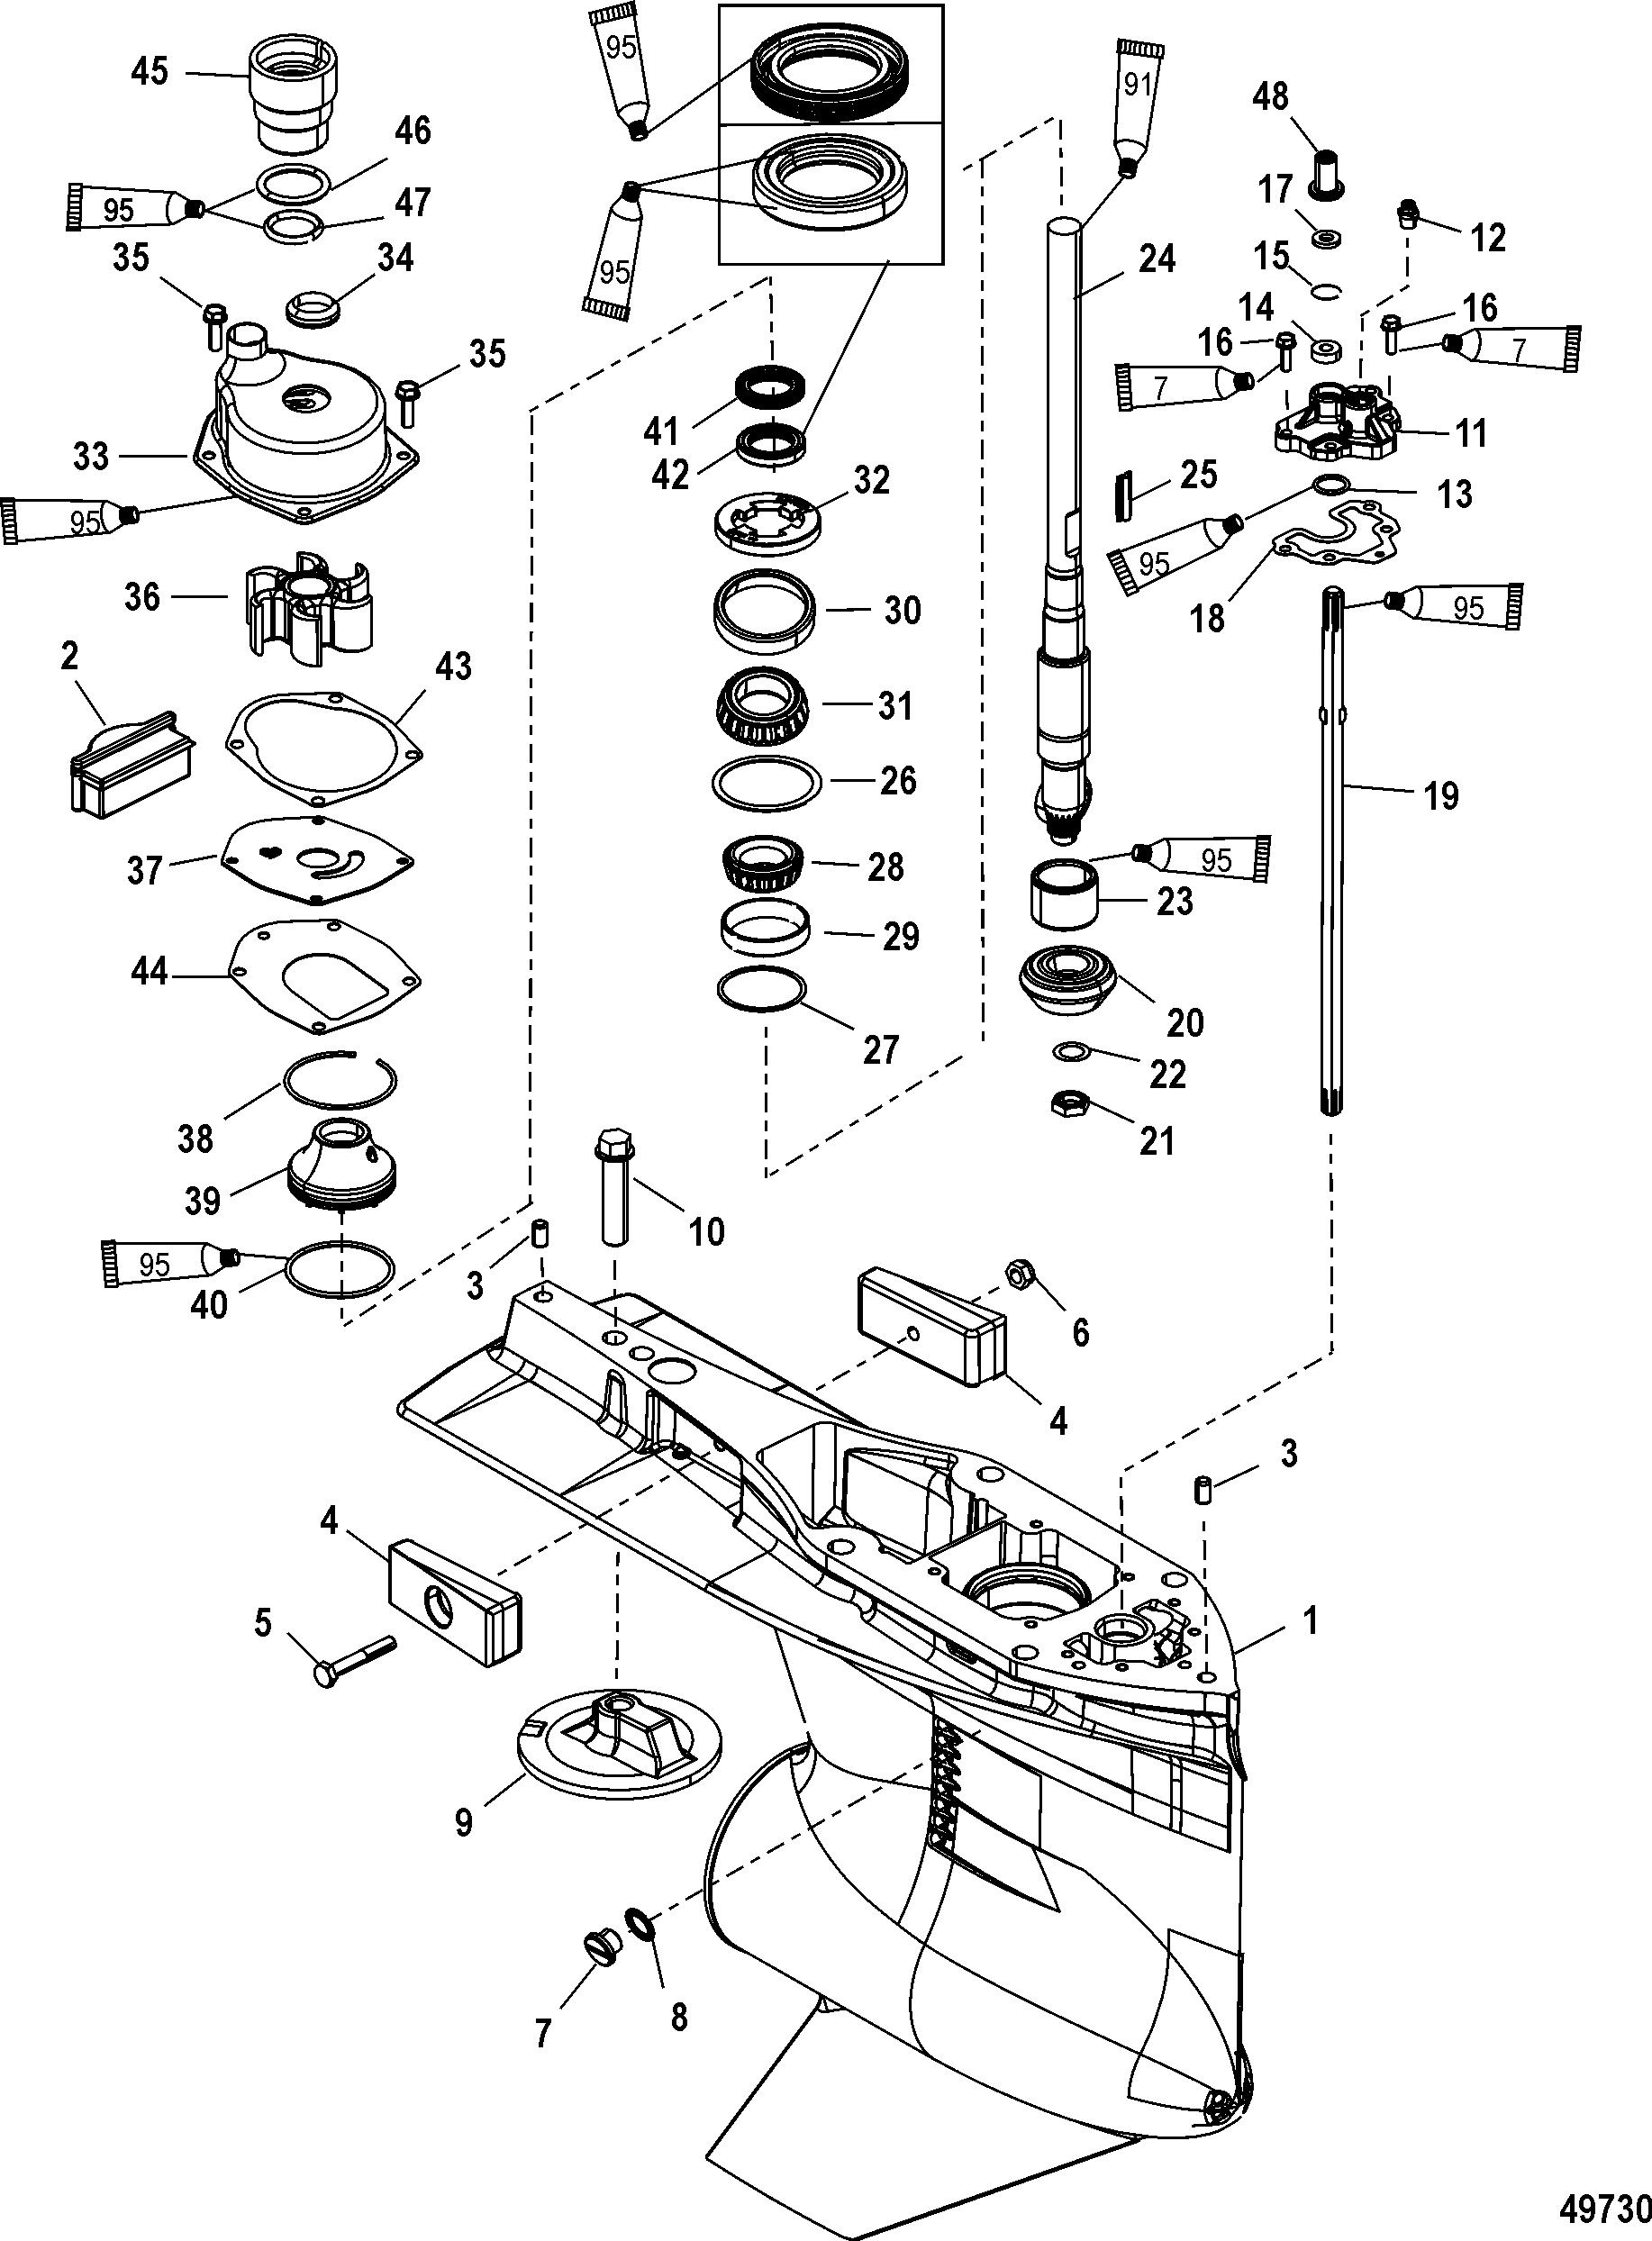 Gear Housing Driveshaft Standard Counter Rotation For